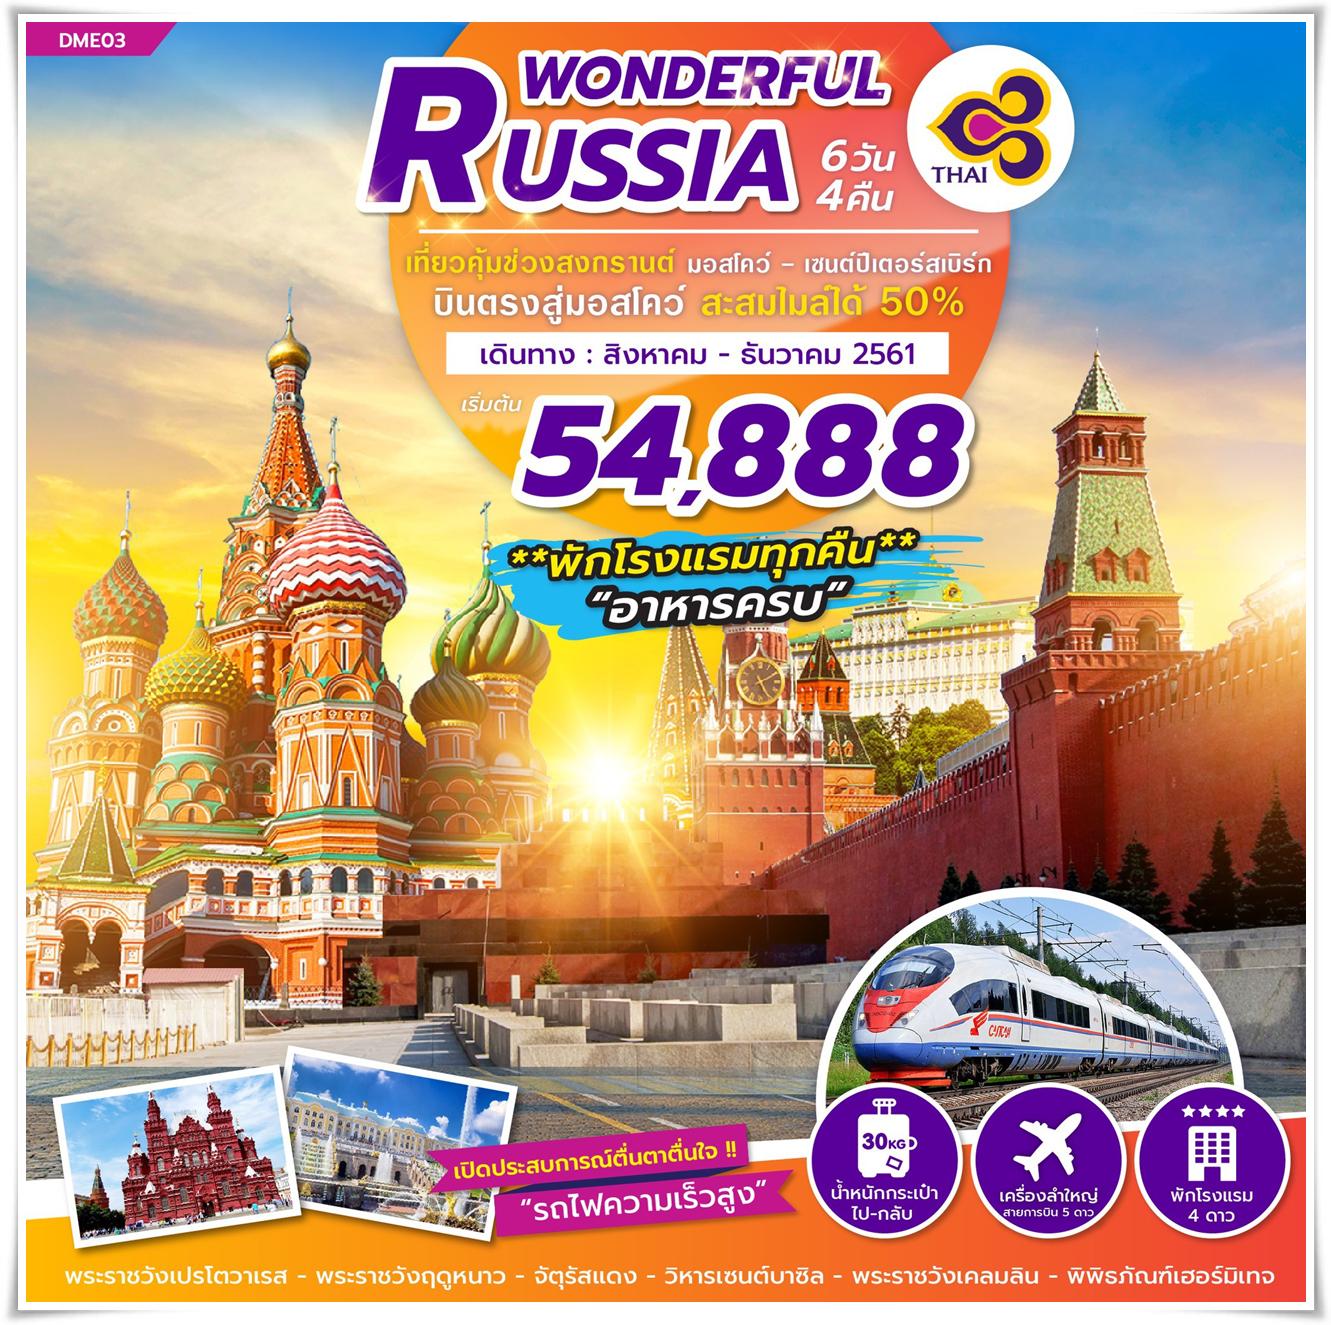 ทัวร์รัสเซีย-WONDERFUL-RUSSIA-(MOS-SAINT)-6วัน-4คืน-(AUG-DEC18)-(DME03)